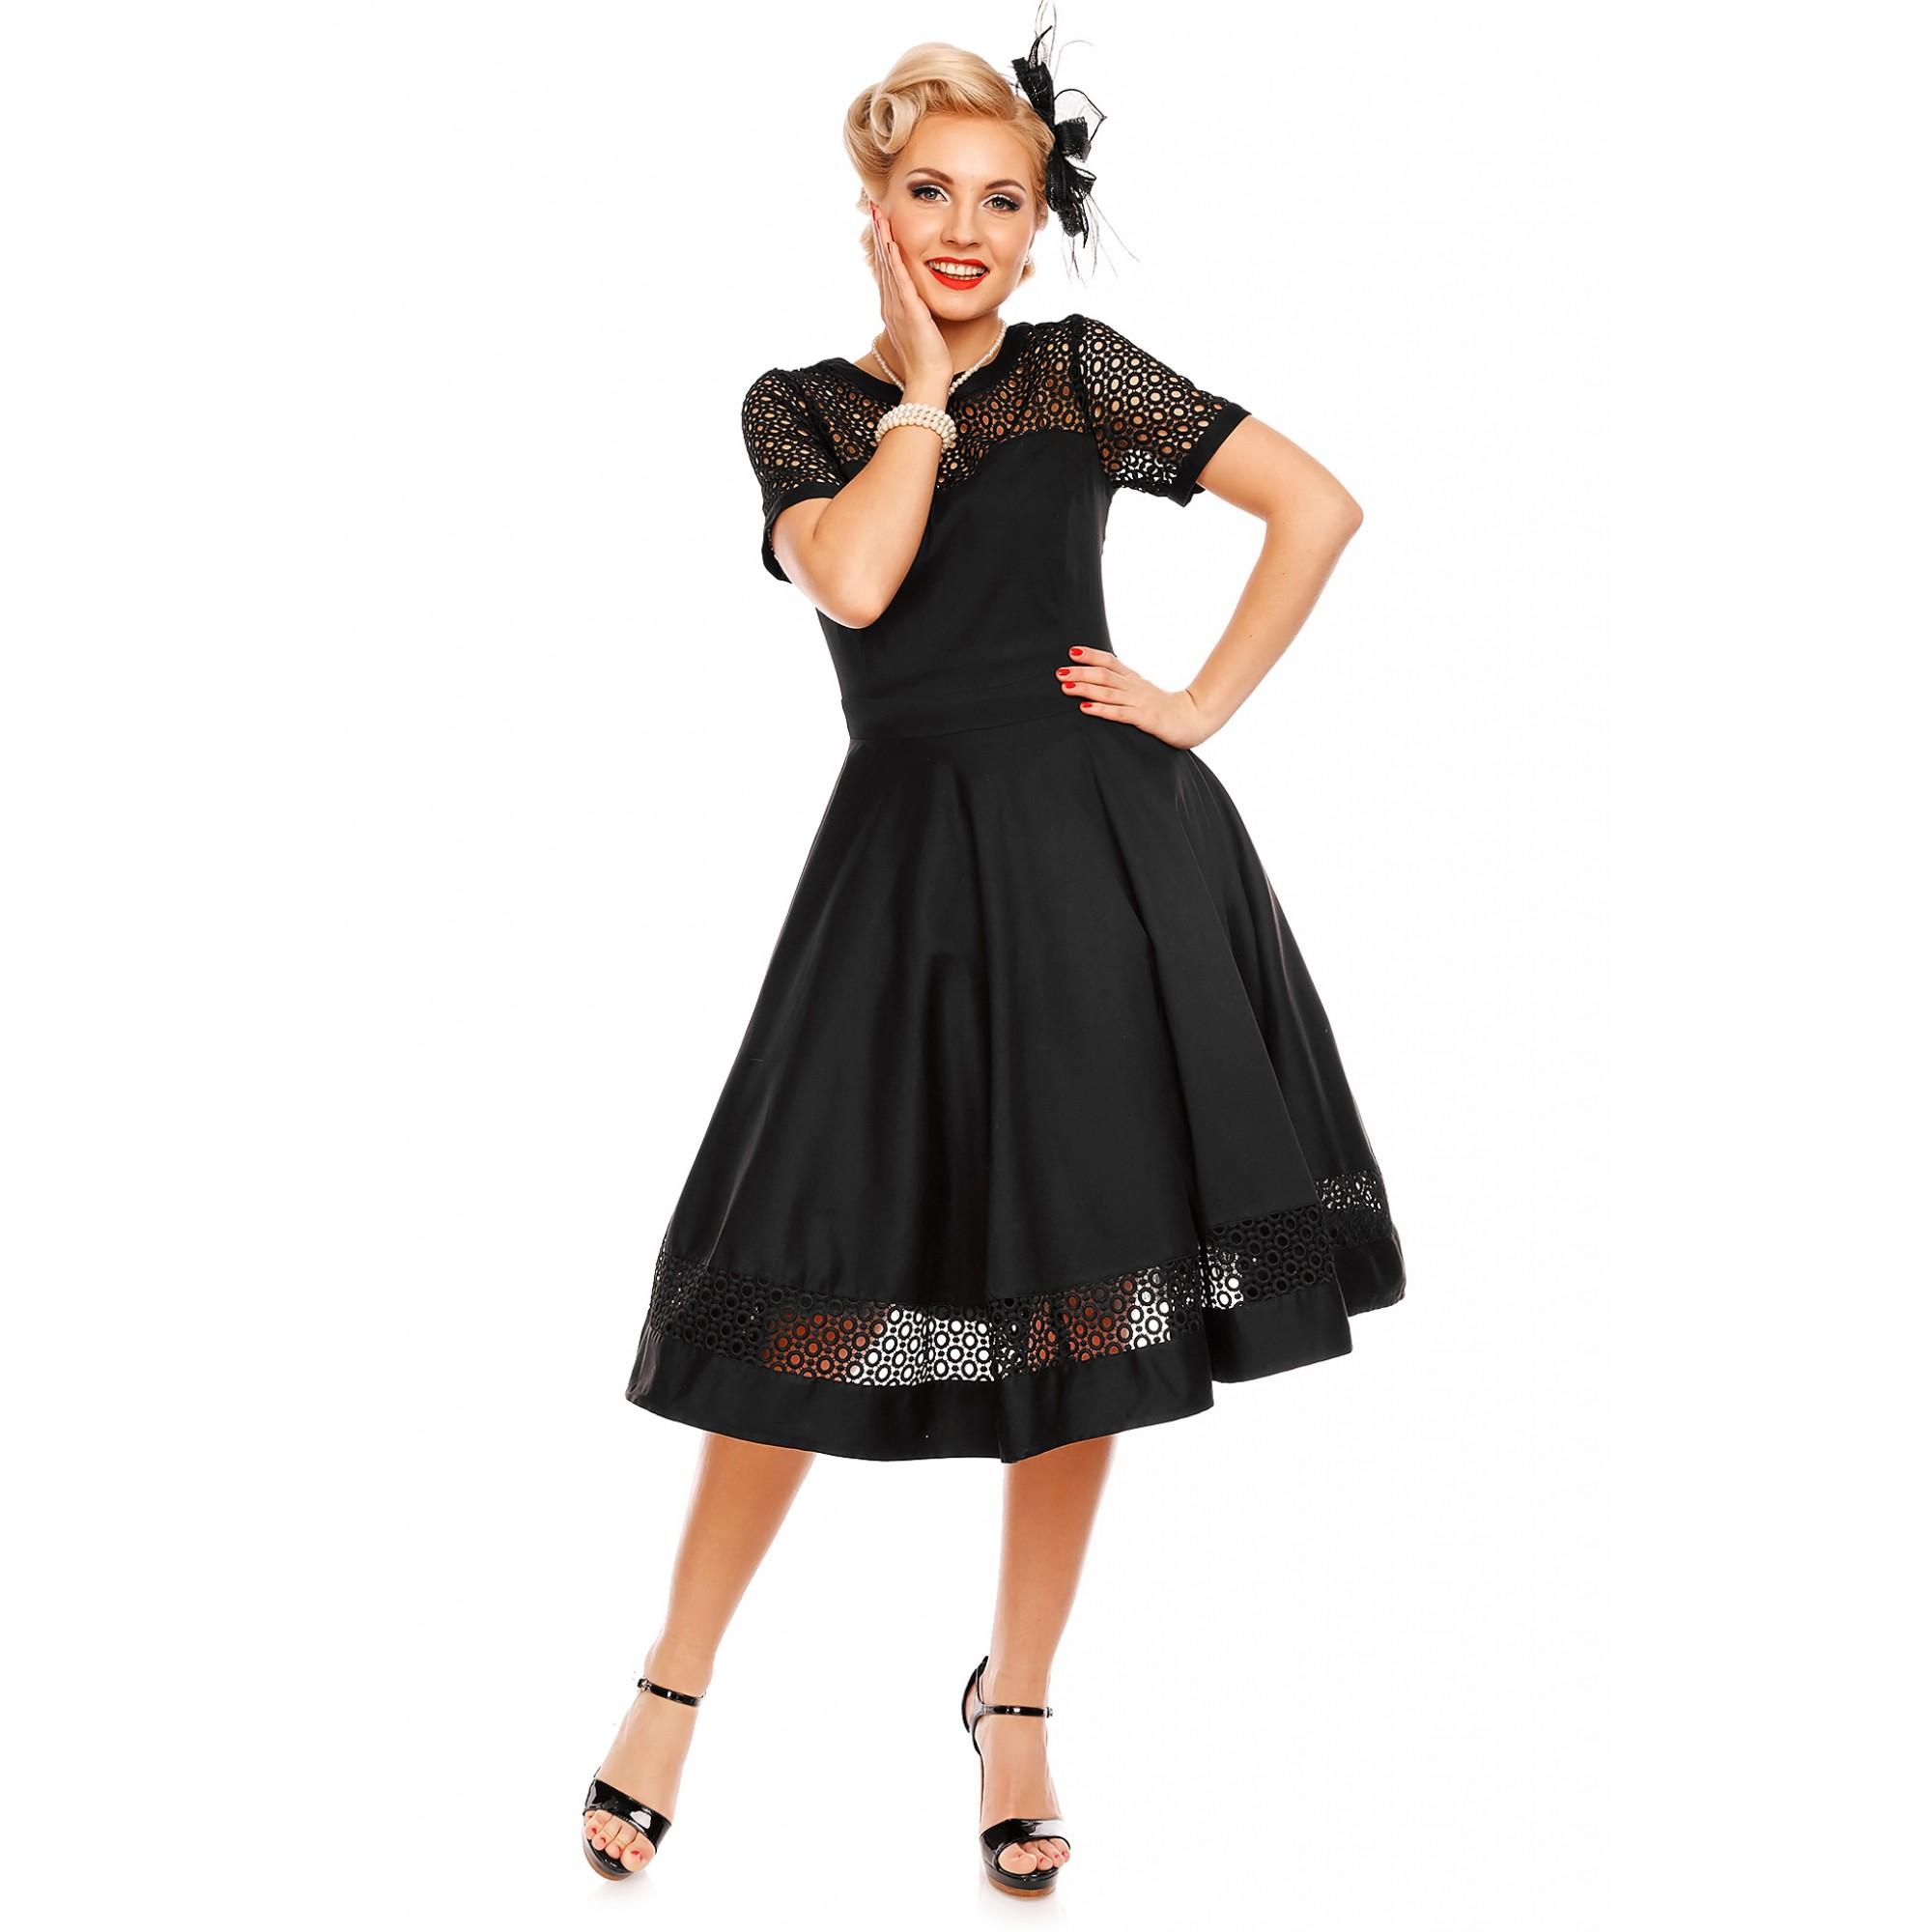 096475913c8 Retro čierne krajkové šaty Dorry